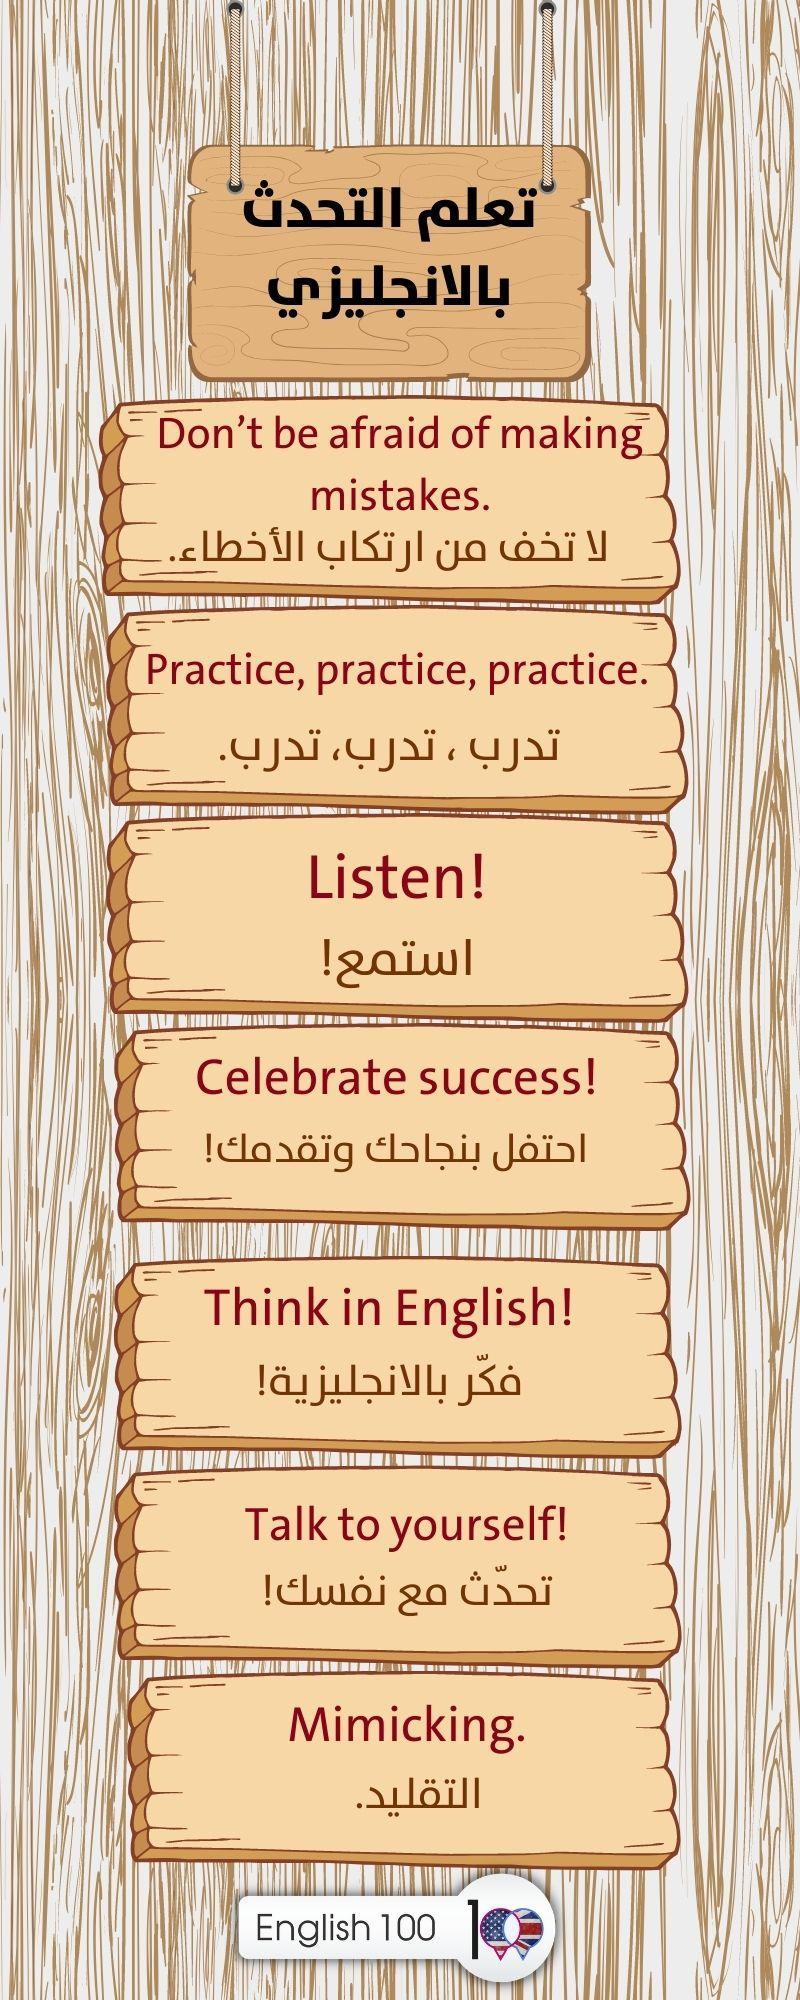 تعلم التحدث بالانجليزي Learn How to Speak English